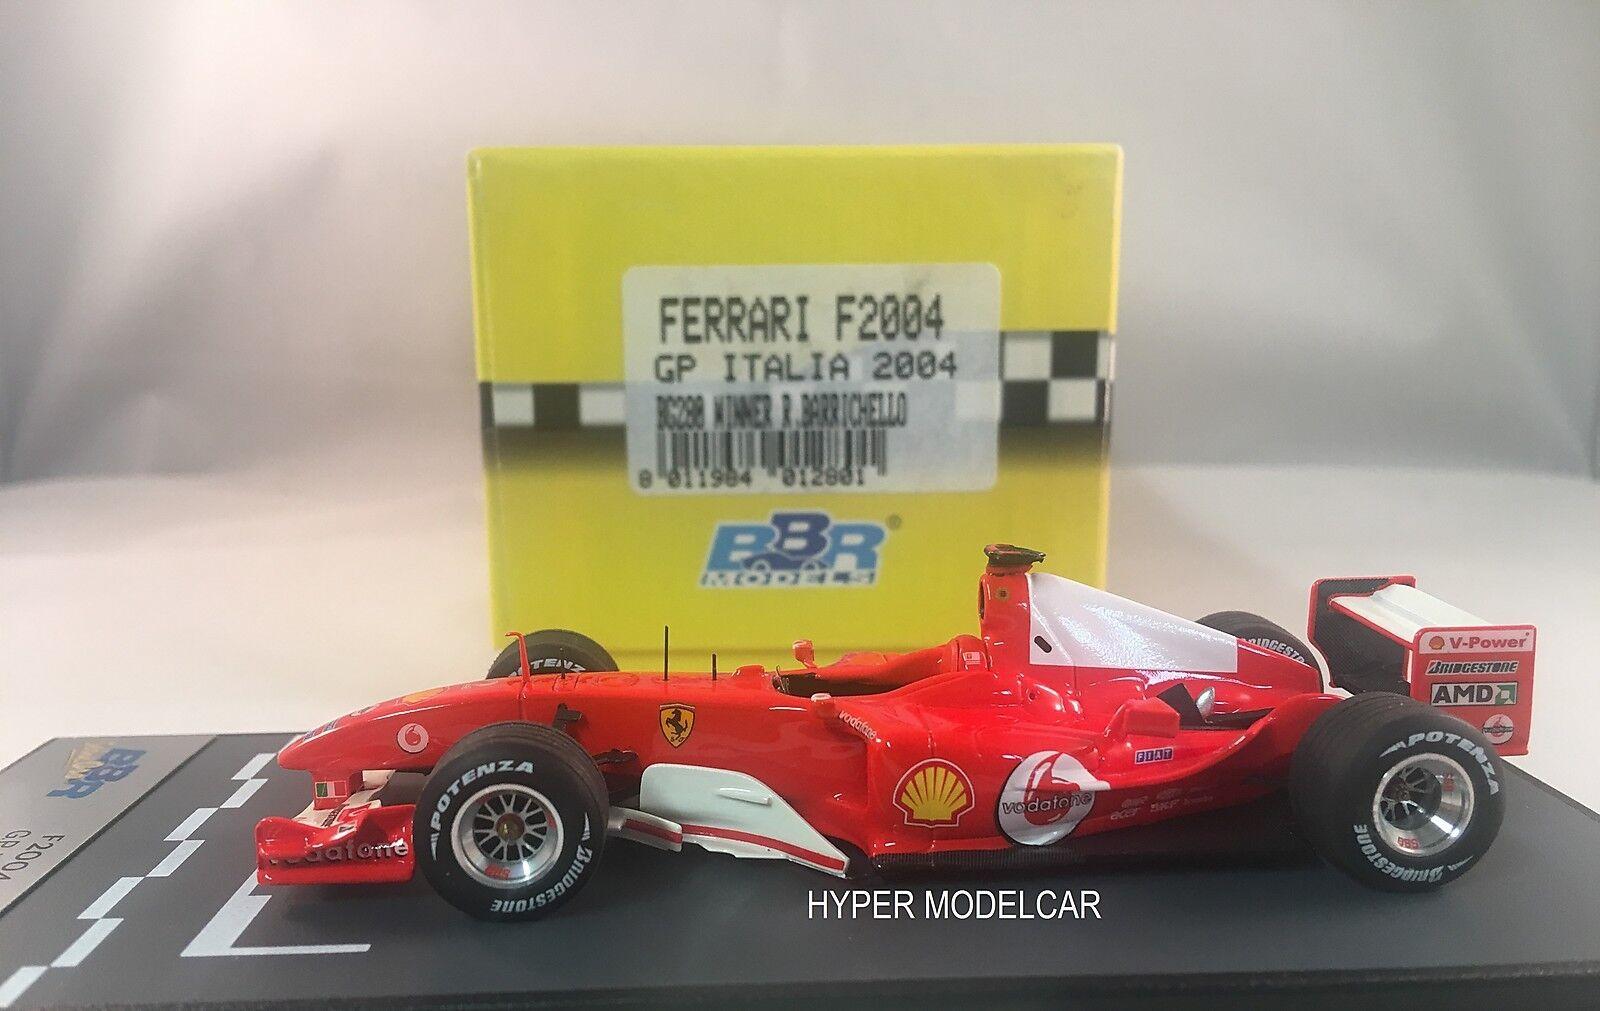 BBR Model 1/43 1/43 1/43 F1 Ferrari F2004 Gp #2 Gp Italia Winner R. Barrichello 2004 BG288   Approvisionnement Suffisant Et Une Livraison Rapide    Des Technologies Sophistiquées    La Qualité Des Produits  b513e3